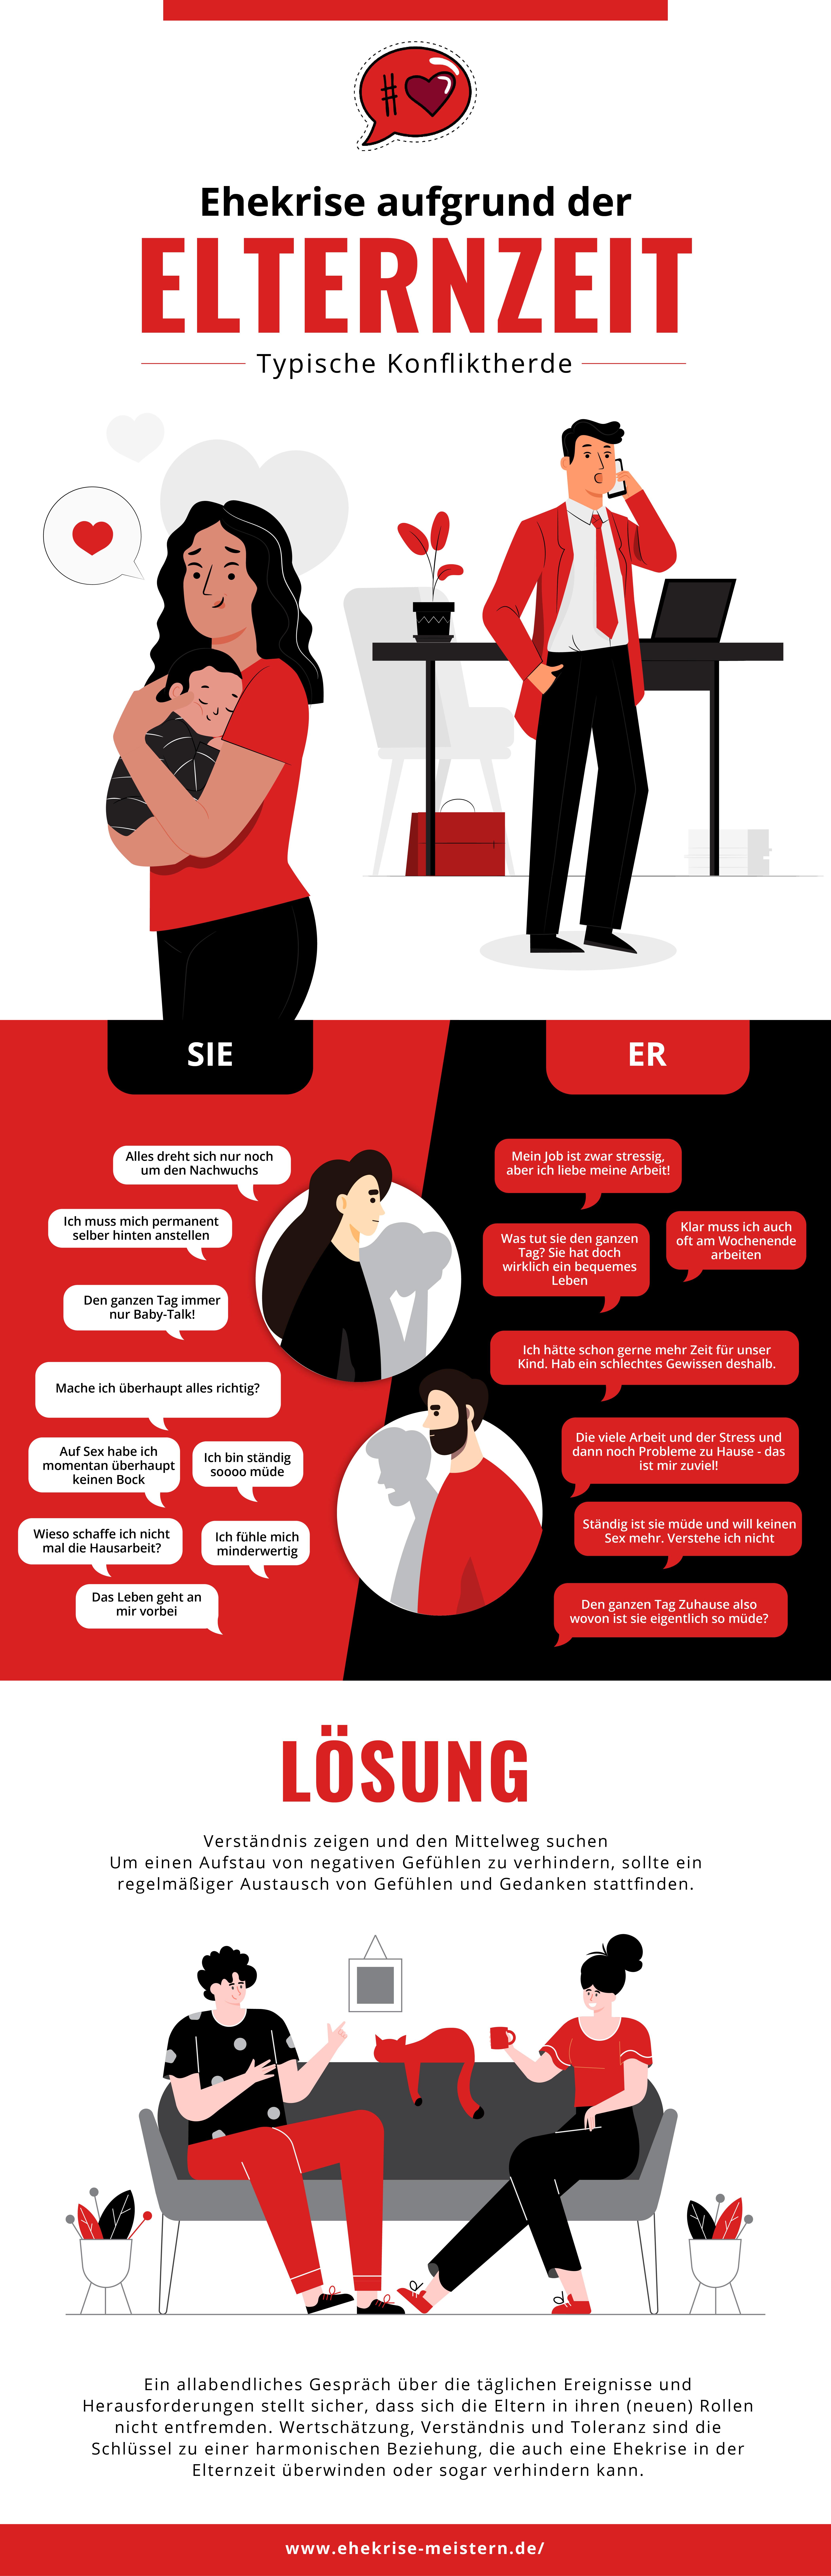 Infografik Ehekrise Aufgrund Der Elternzeit: Oft Sind Missverständnisse Der Auslöser